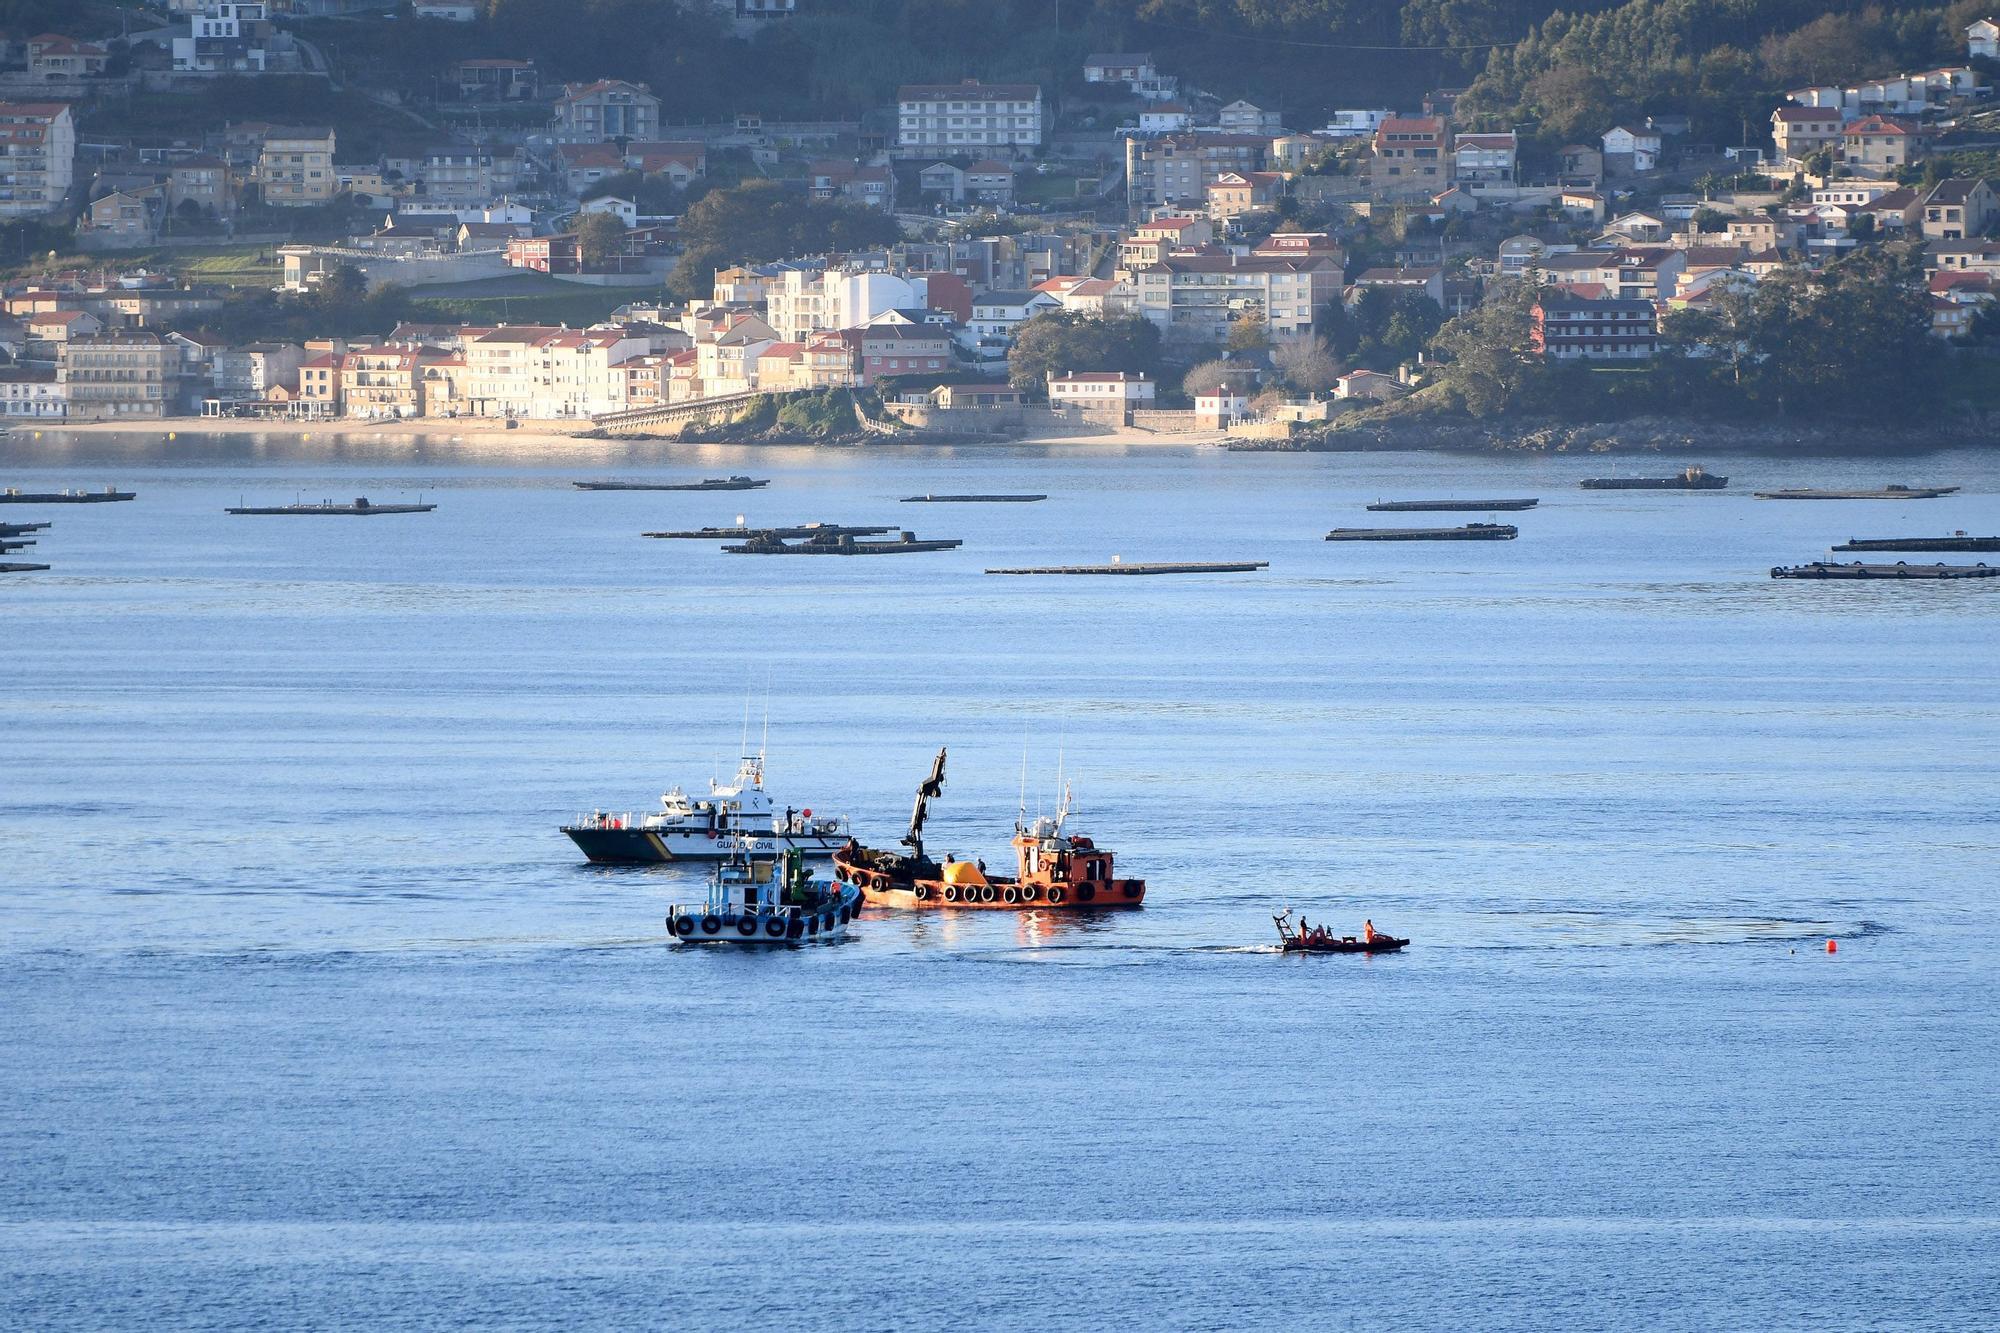 Empiezan las labores de reflote del remolcador hundido en Marín